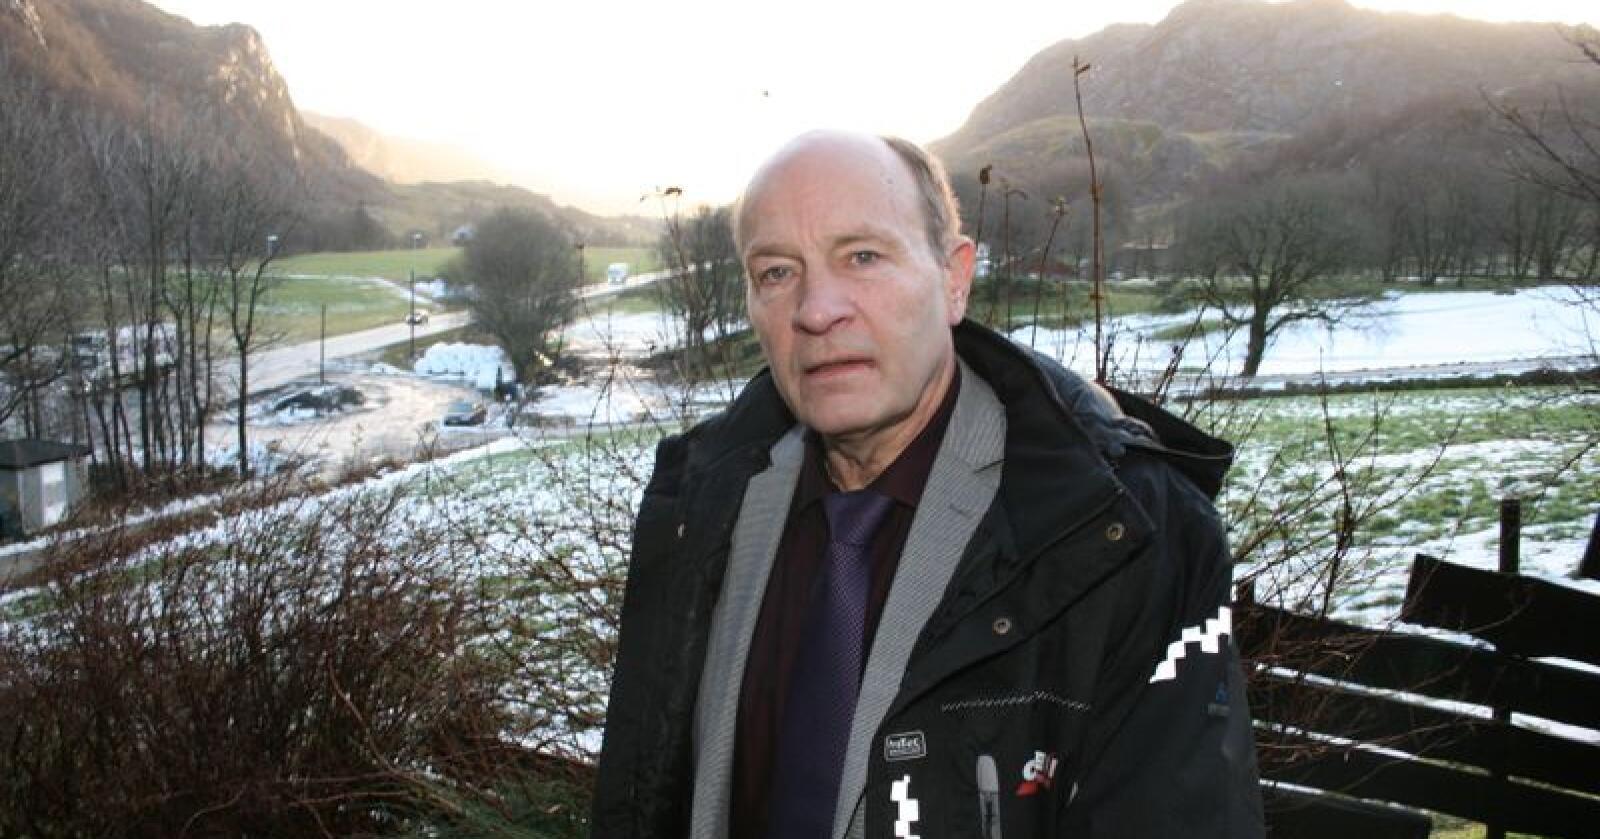 Olaf Gjedrem, leiar i jordvernforeininga i Rogaland, meiner Landbruket må ta sitt ansvar og takke nei til utbyggingsavtalar på jordbruksjord. Foto:  Bjarne Bekkeheien Aase